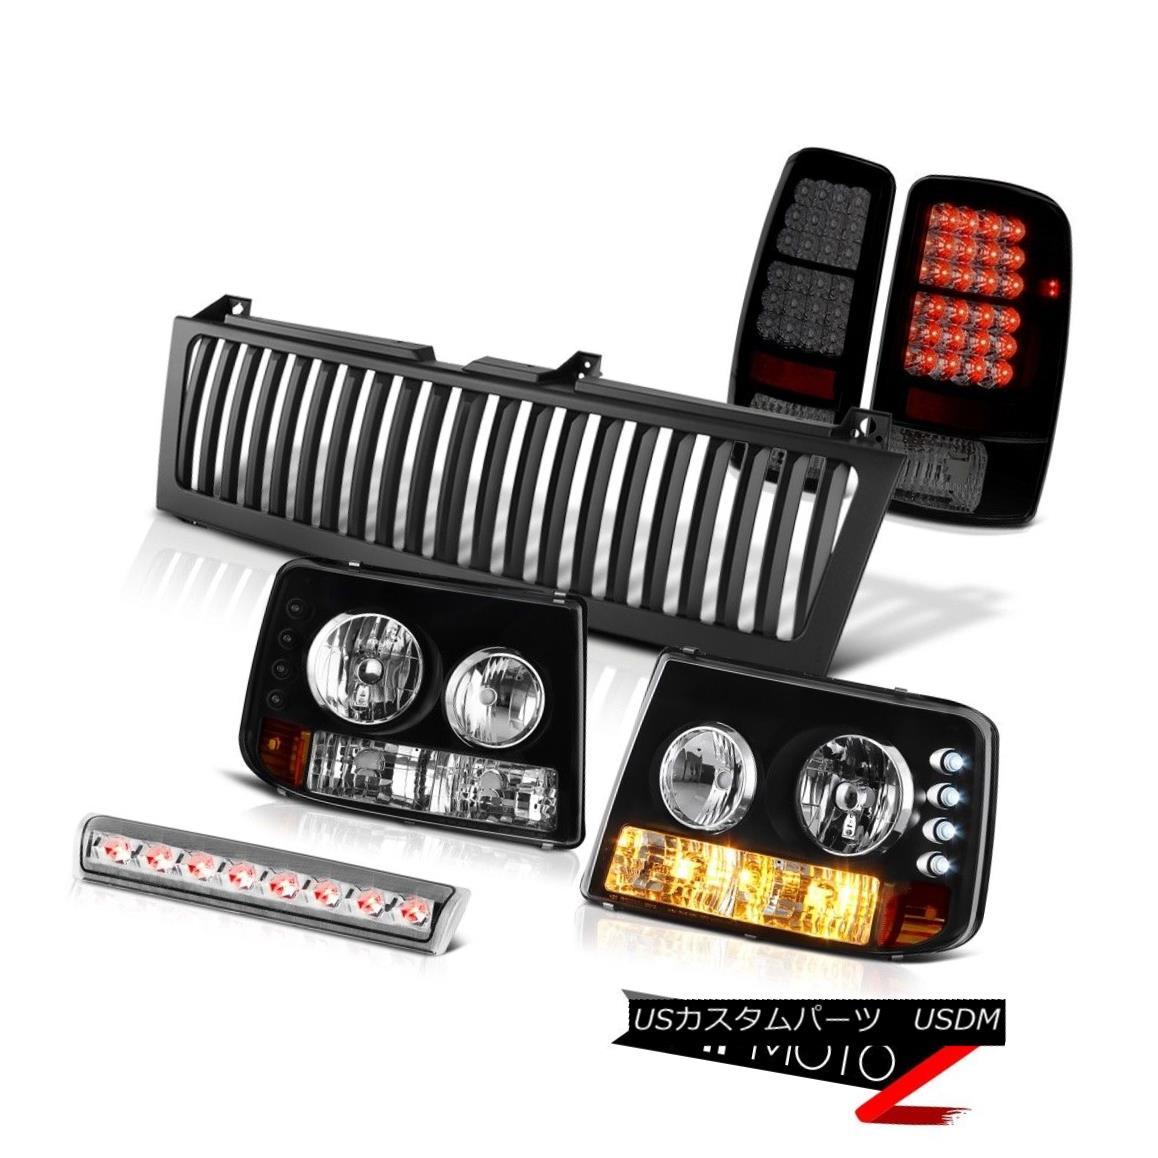 ヘッドライト 2000-2006 Suburban LS Black Headlight Sinister Taillight High Stop Chrome Grille 2000-2006郊外LSブラックヘッドライト邪悪なテールライトハイストップクロムグリル